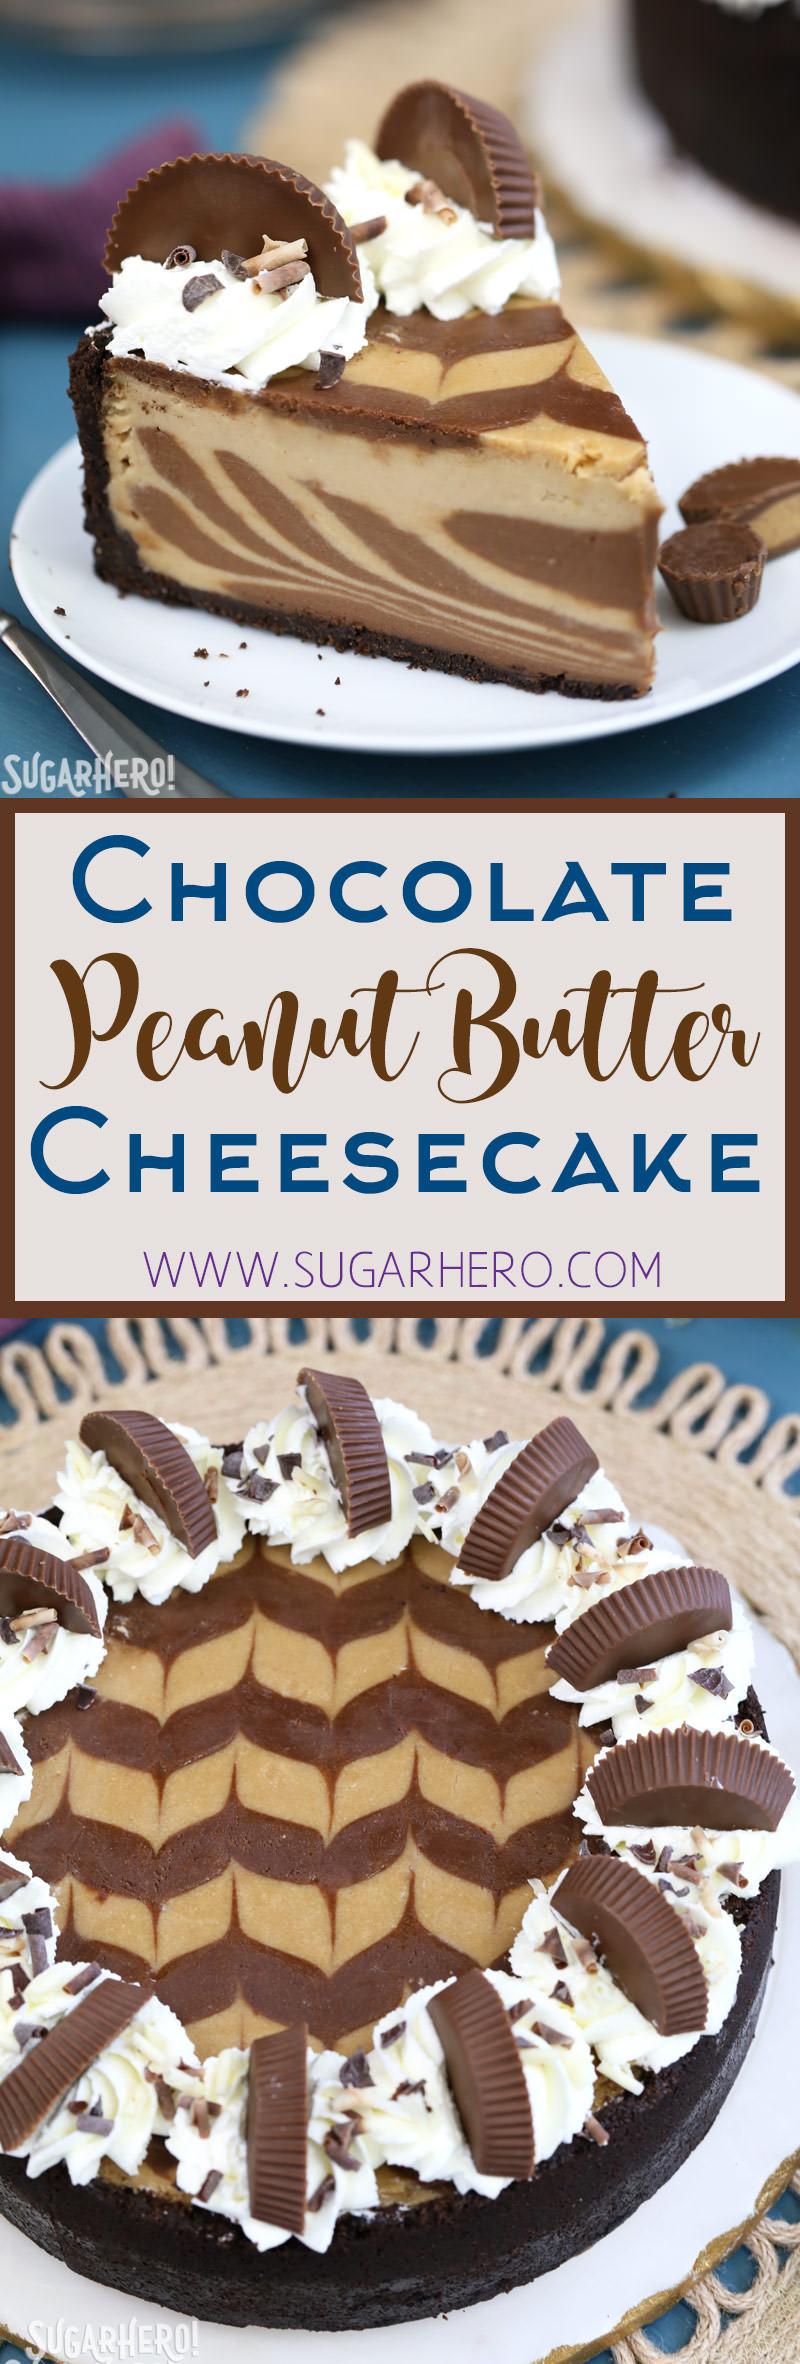 Chocolate Peanut Butter Cheesecake | From SugarHero.com